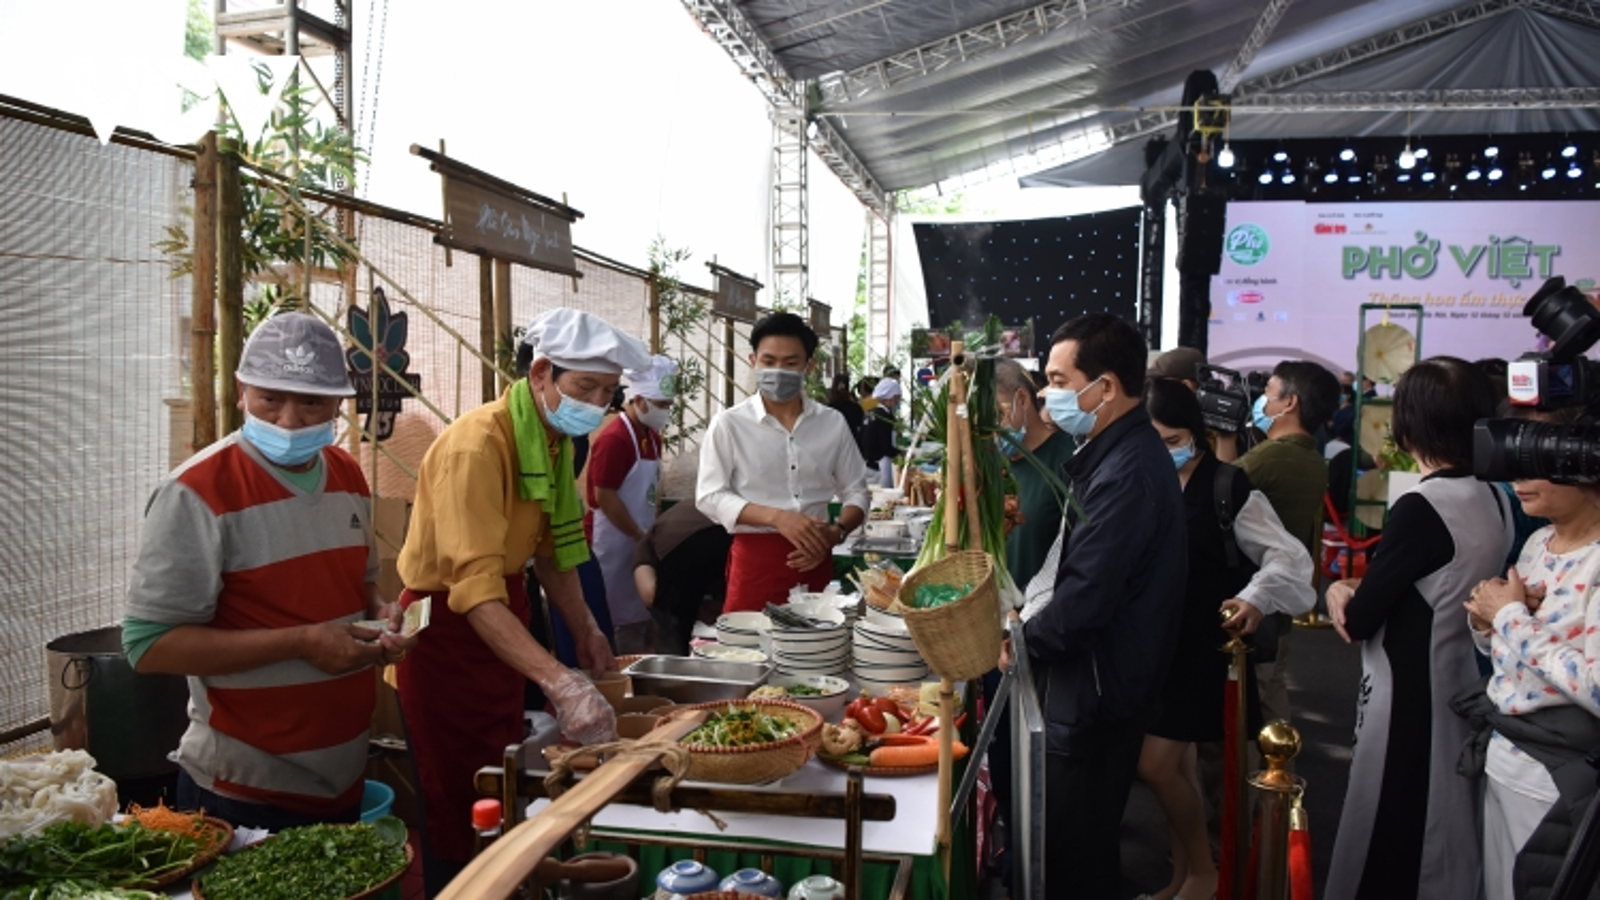 Ngày của phở 12/12: Giới thiệu bức tranh toàn cảnh về phở Việt